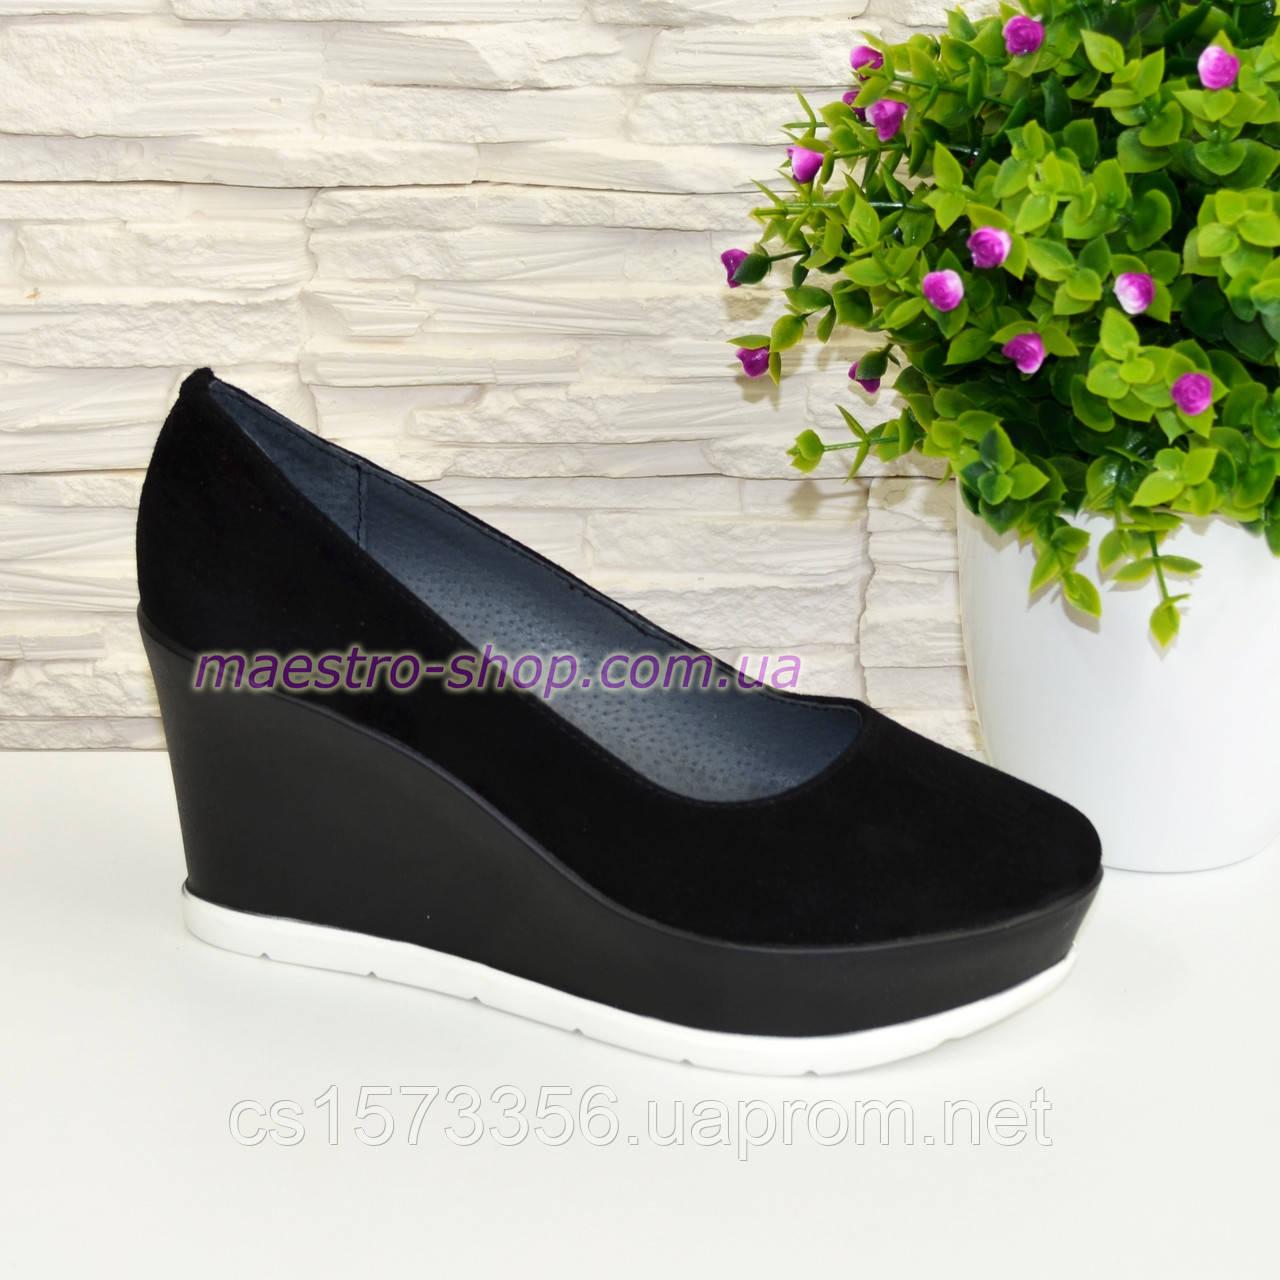 Жіночі чорні замшеві туфлі на стійкій платформі.